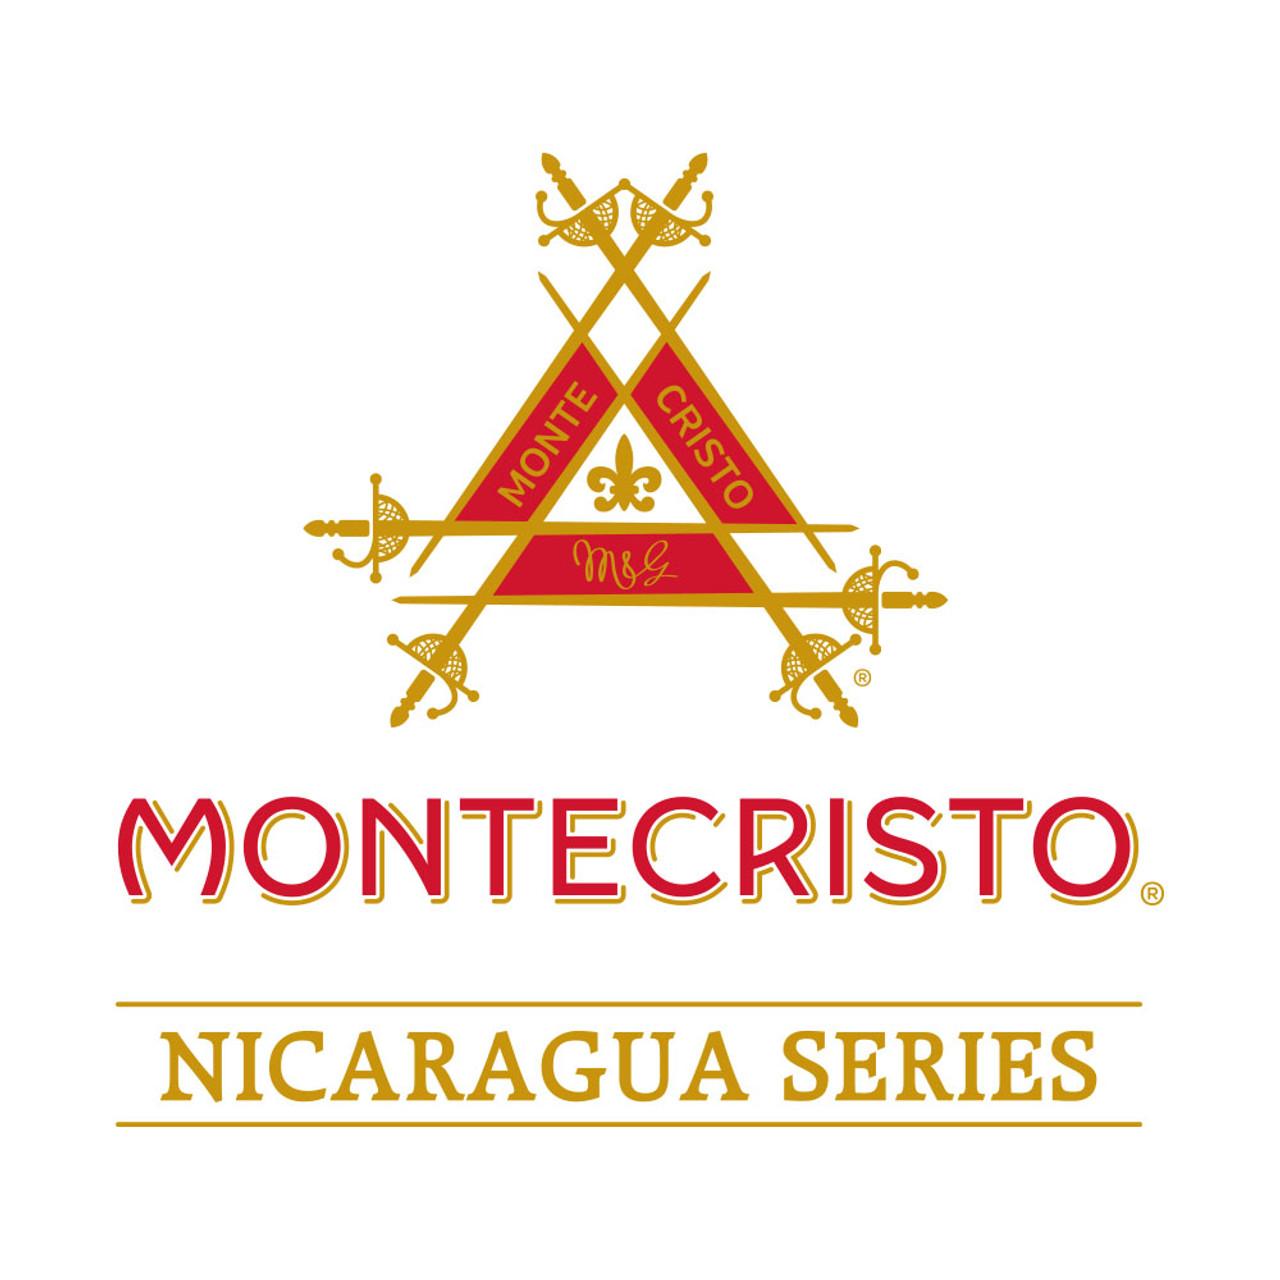 Montecristo Nicaragua Robusto Cigars - 5 x 54 (Box of 20)